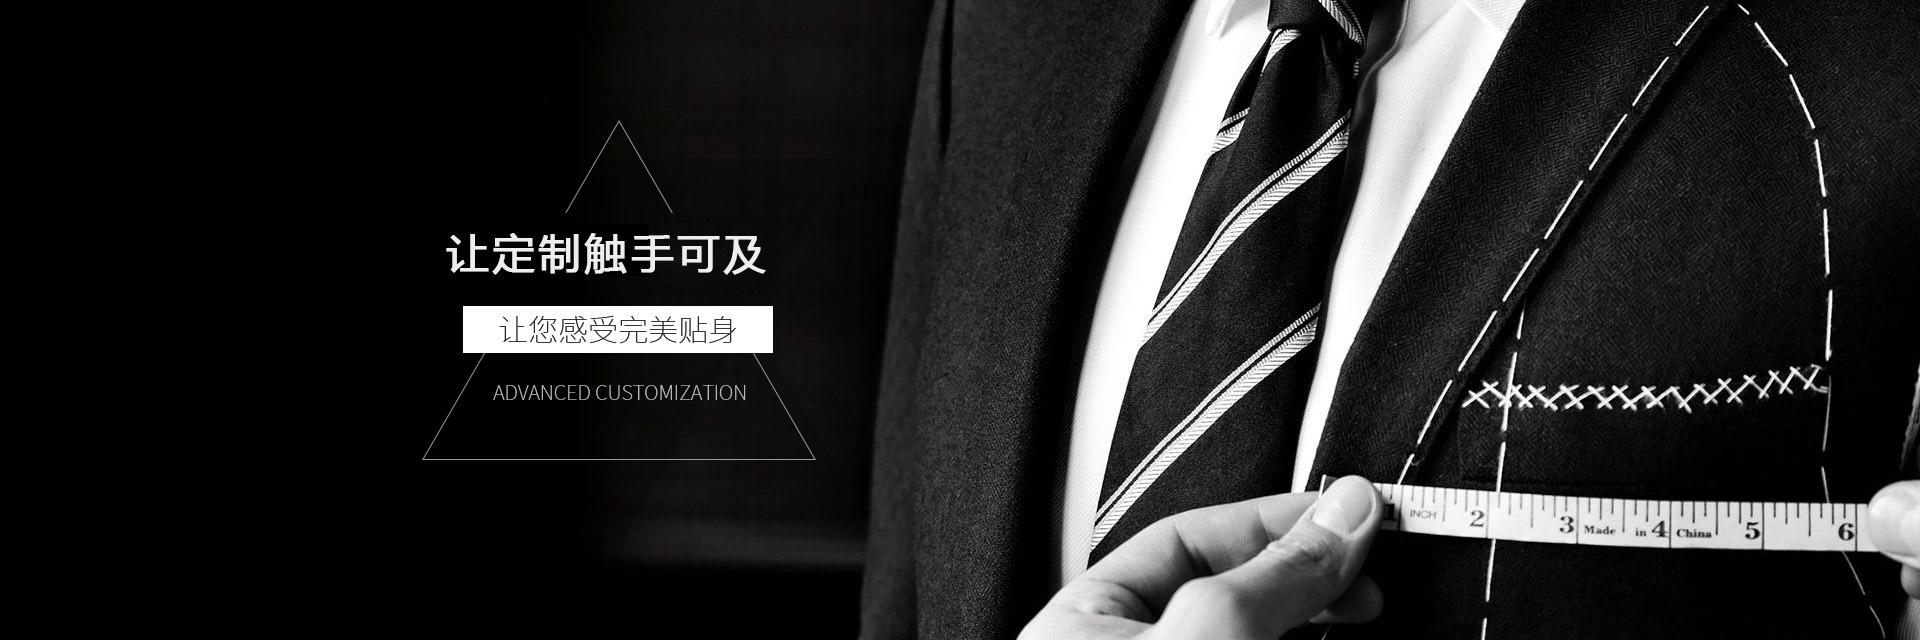 南宁高级定制服装,南宁订做职业装,南宁西服定做,南宁私人订制服装